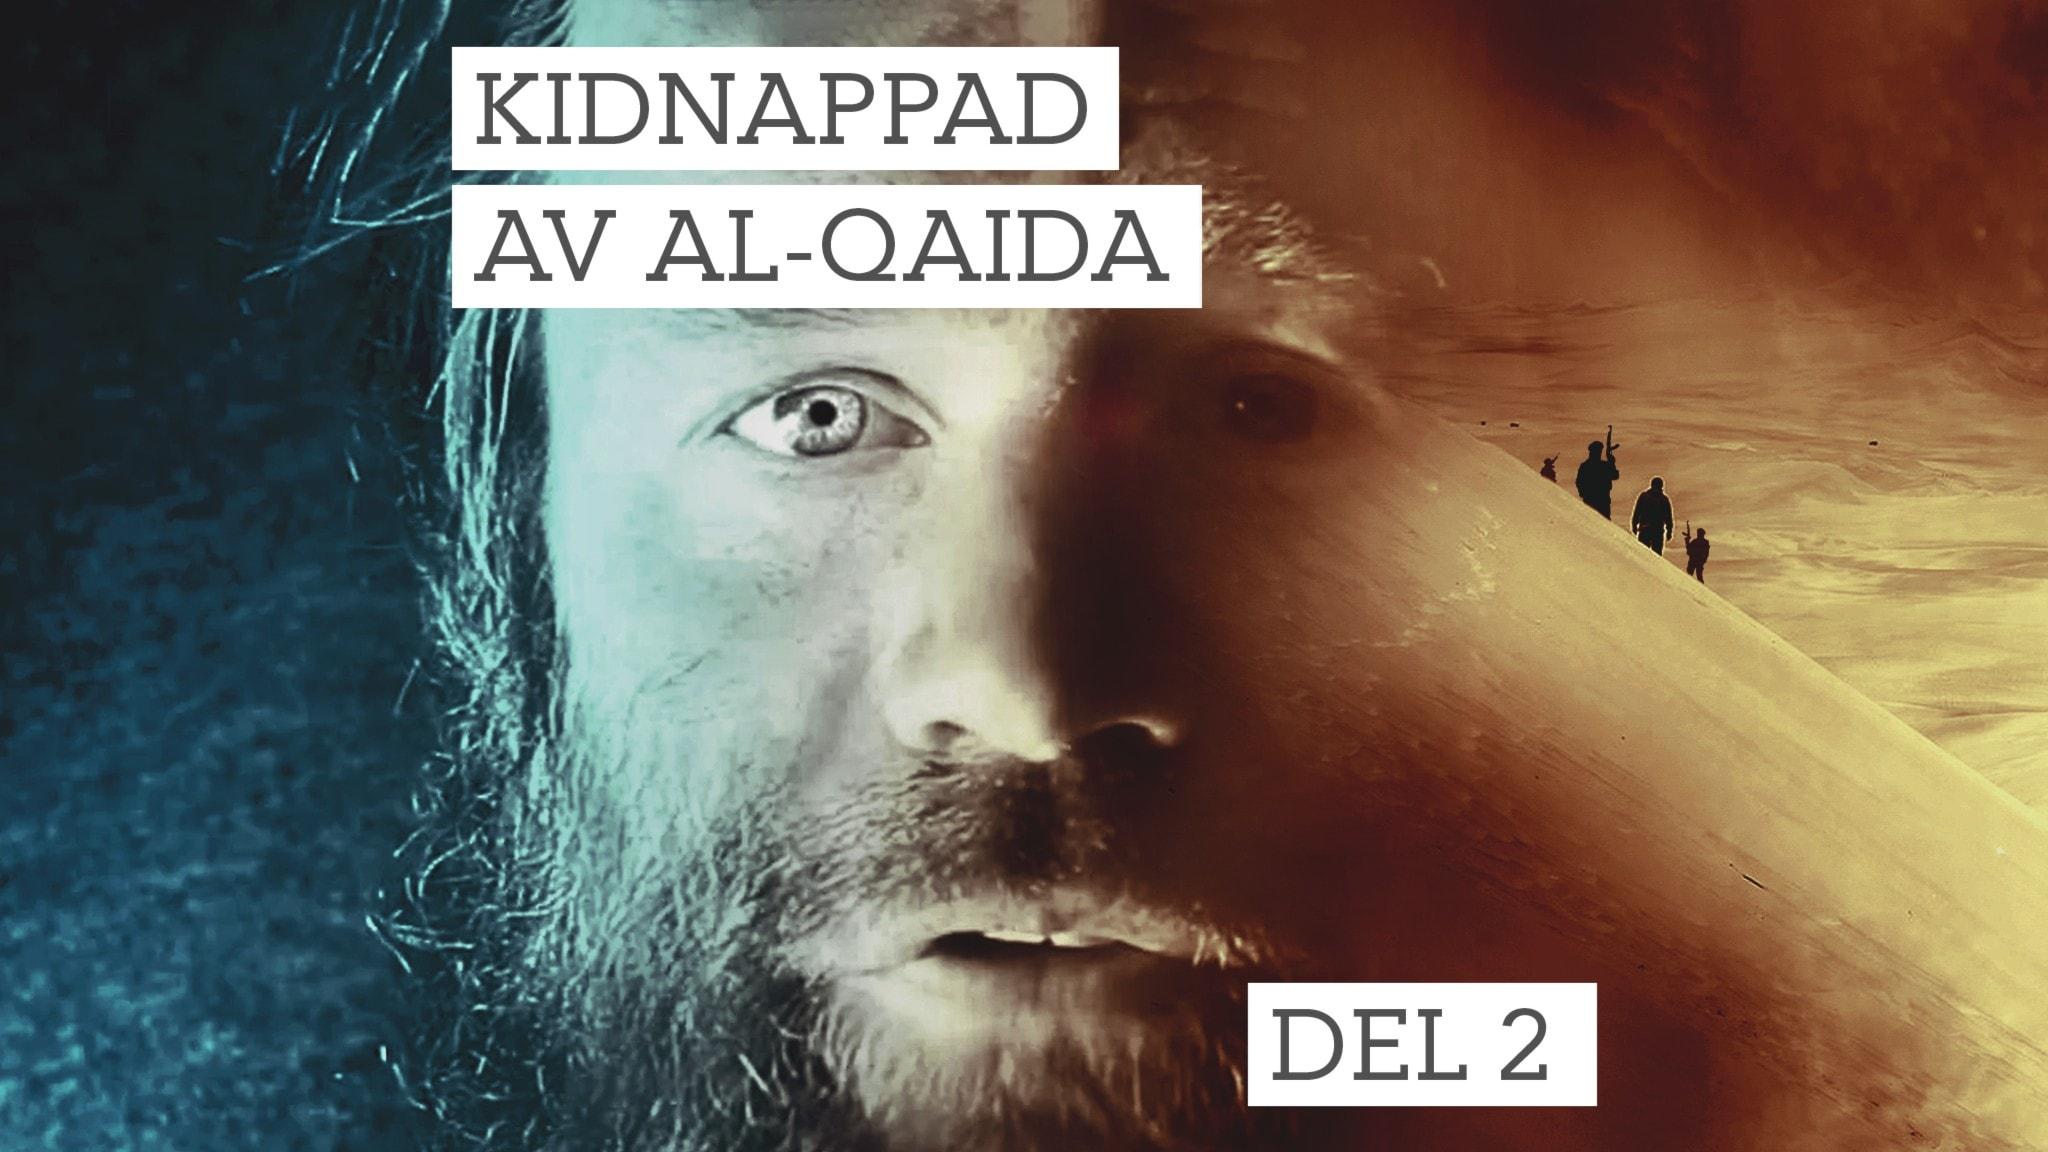 Johan Gustafsson vandrar om nätterna och gömmer sig om dagarna. Han är jagad av al-Qaida.